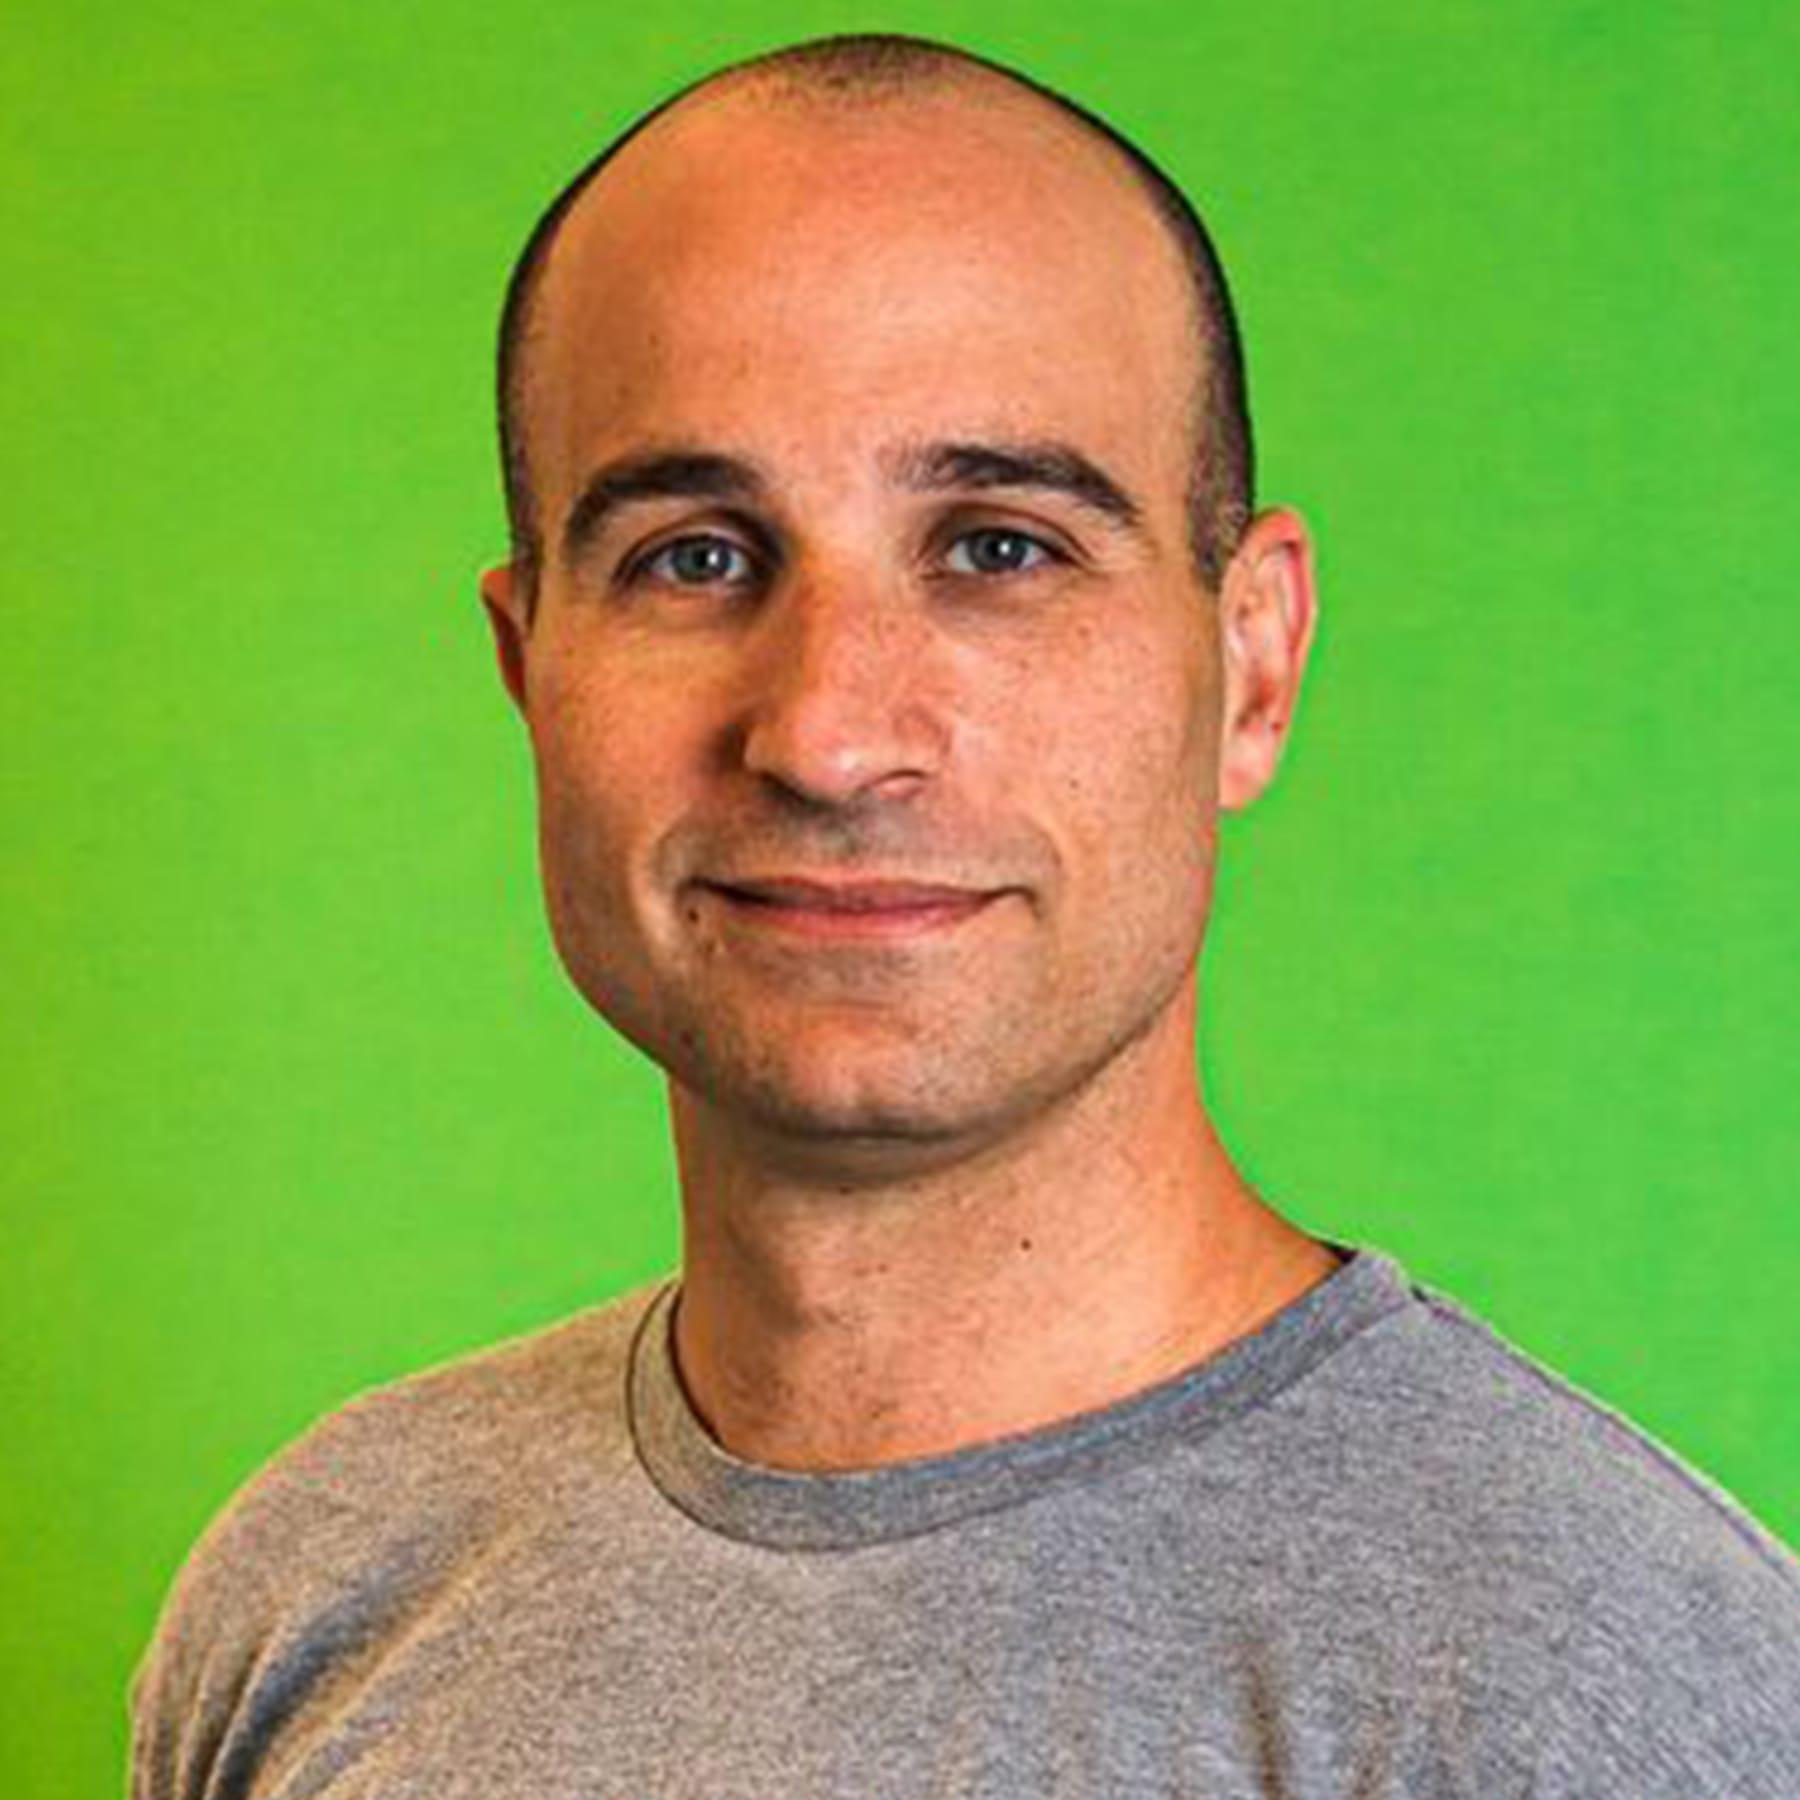 Seth Besmertnik